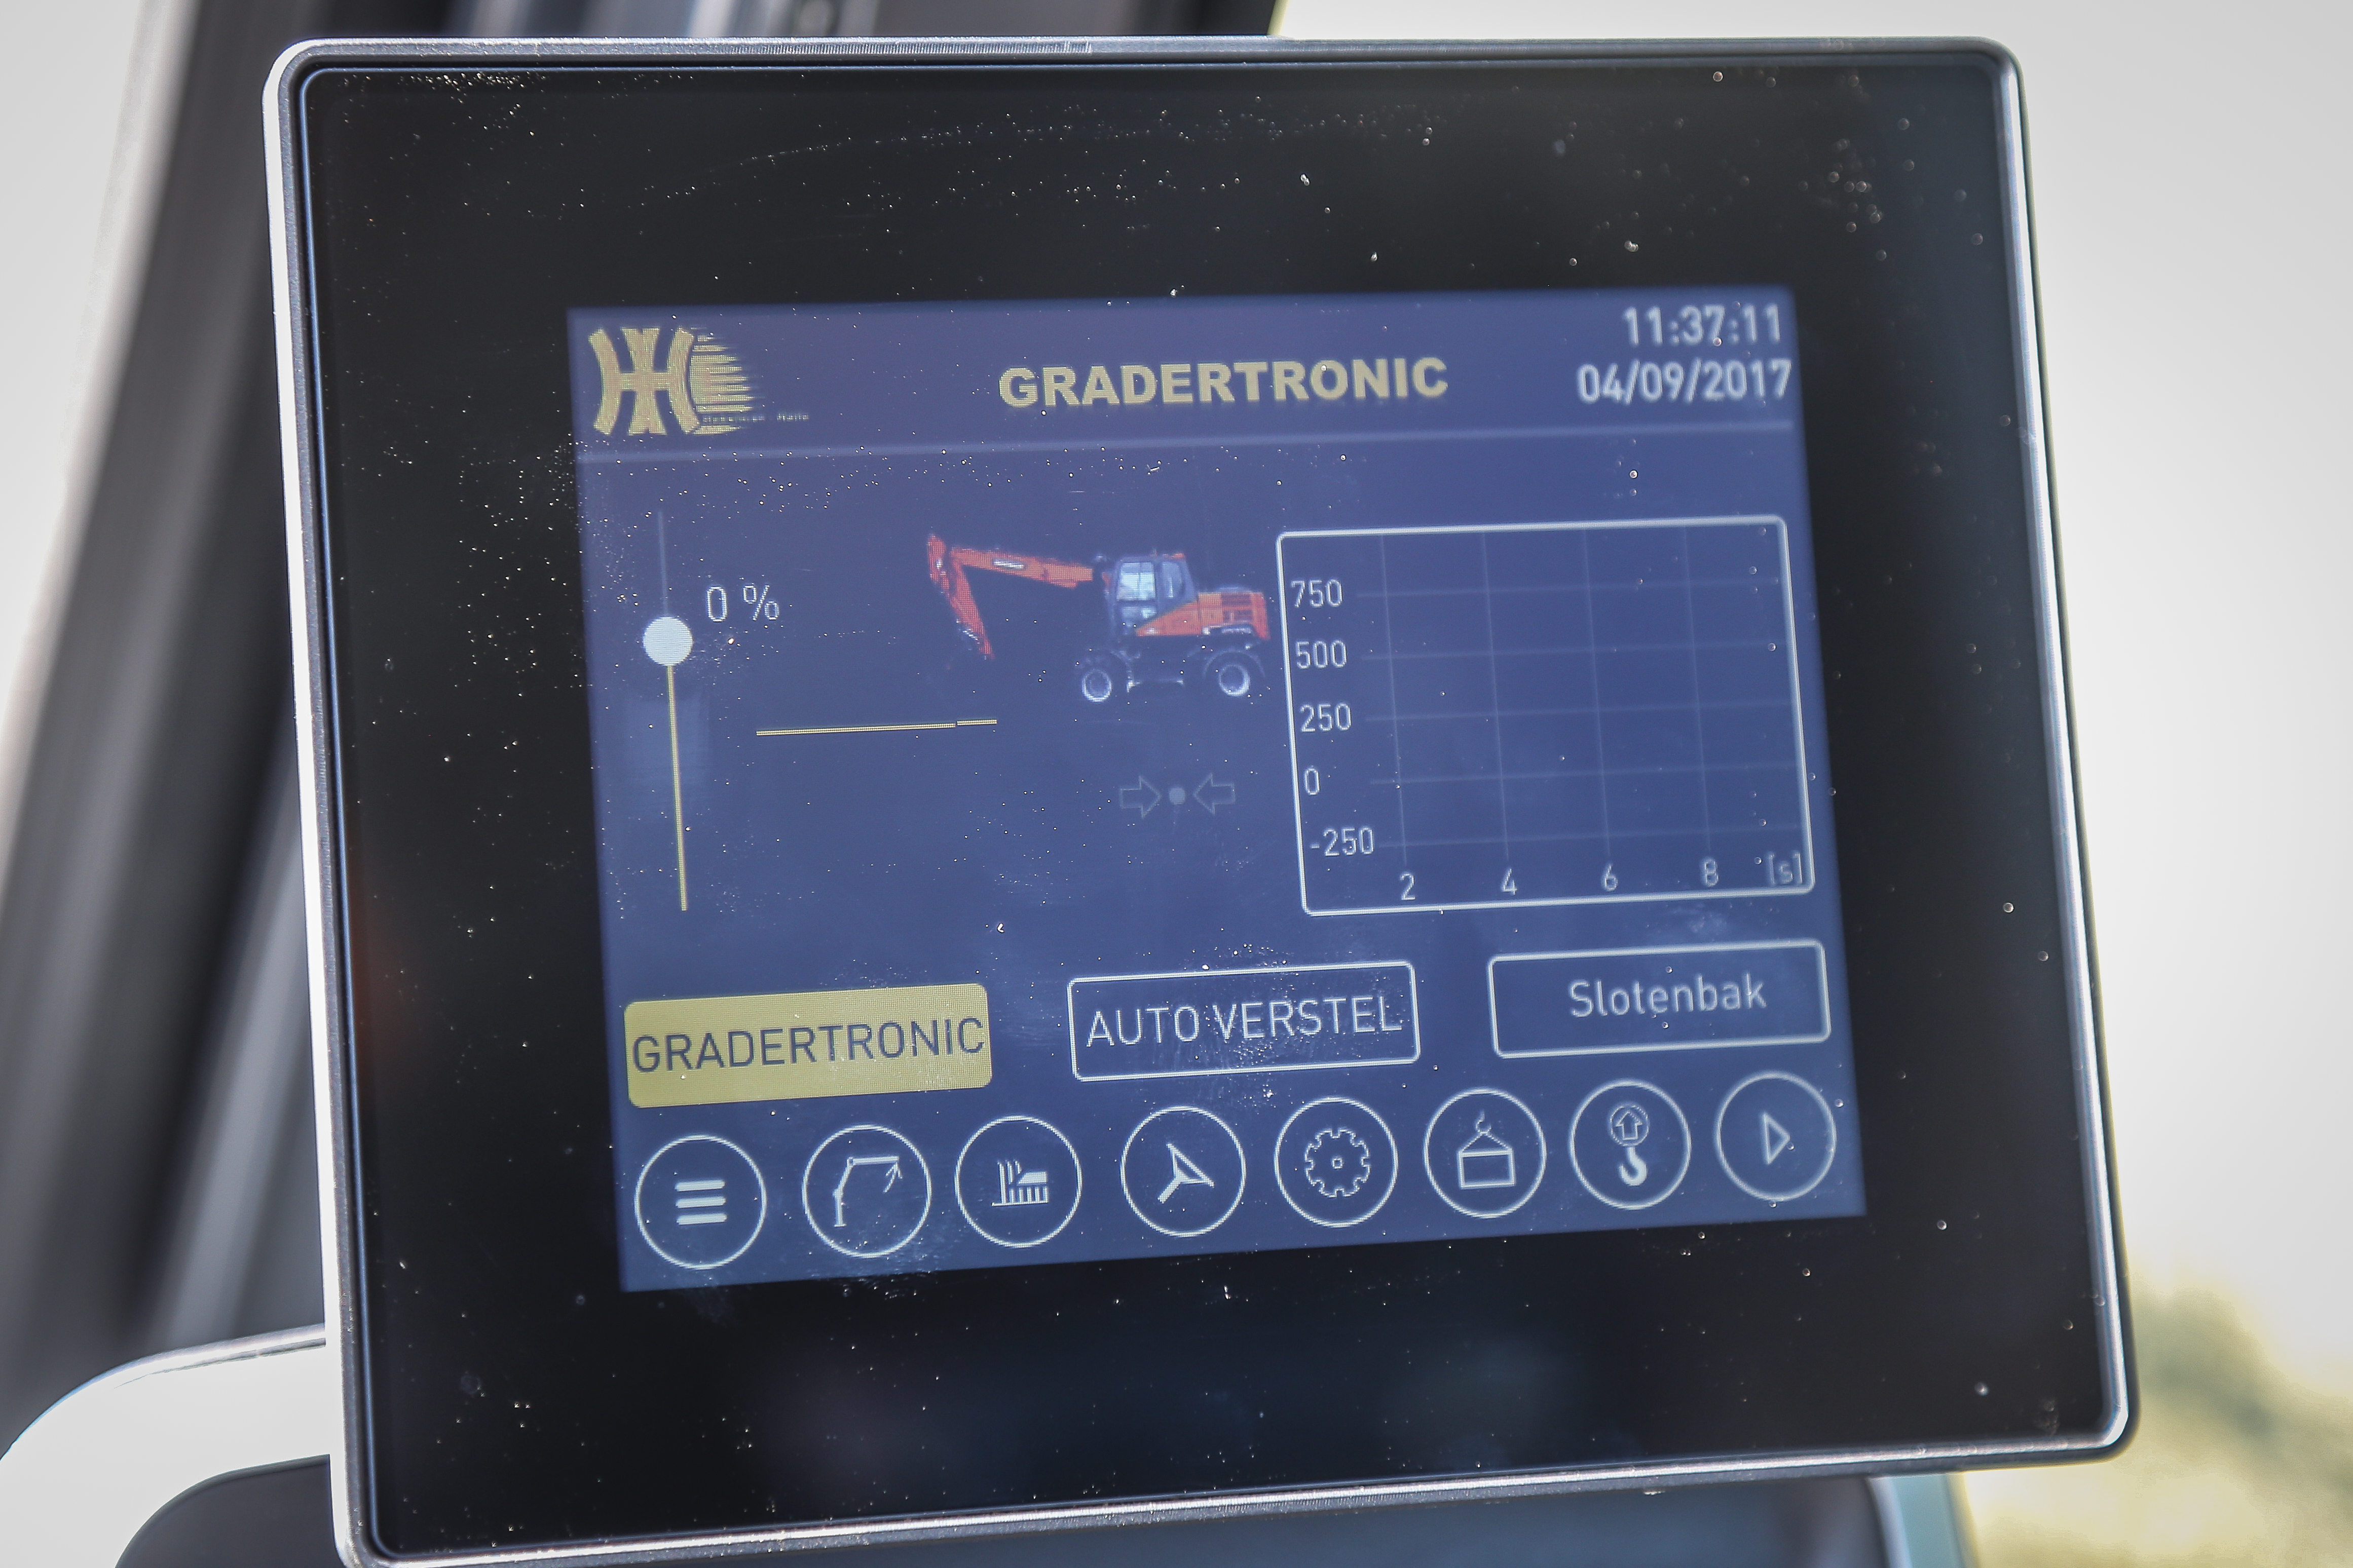 <p>Het Gradertronic-scherm is een HD-aanraakscherm en herbergt diverse functies, zoals een weegsysteem met optelfunctie, hoogtebegrenzing en lastmomentbeveiliging. </p>